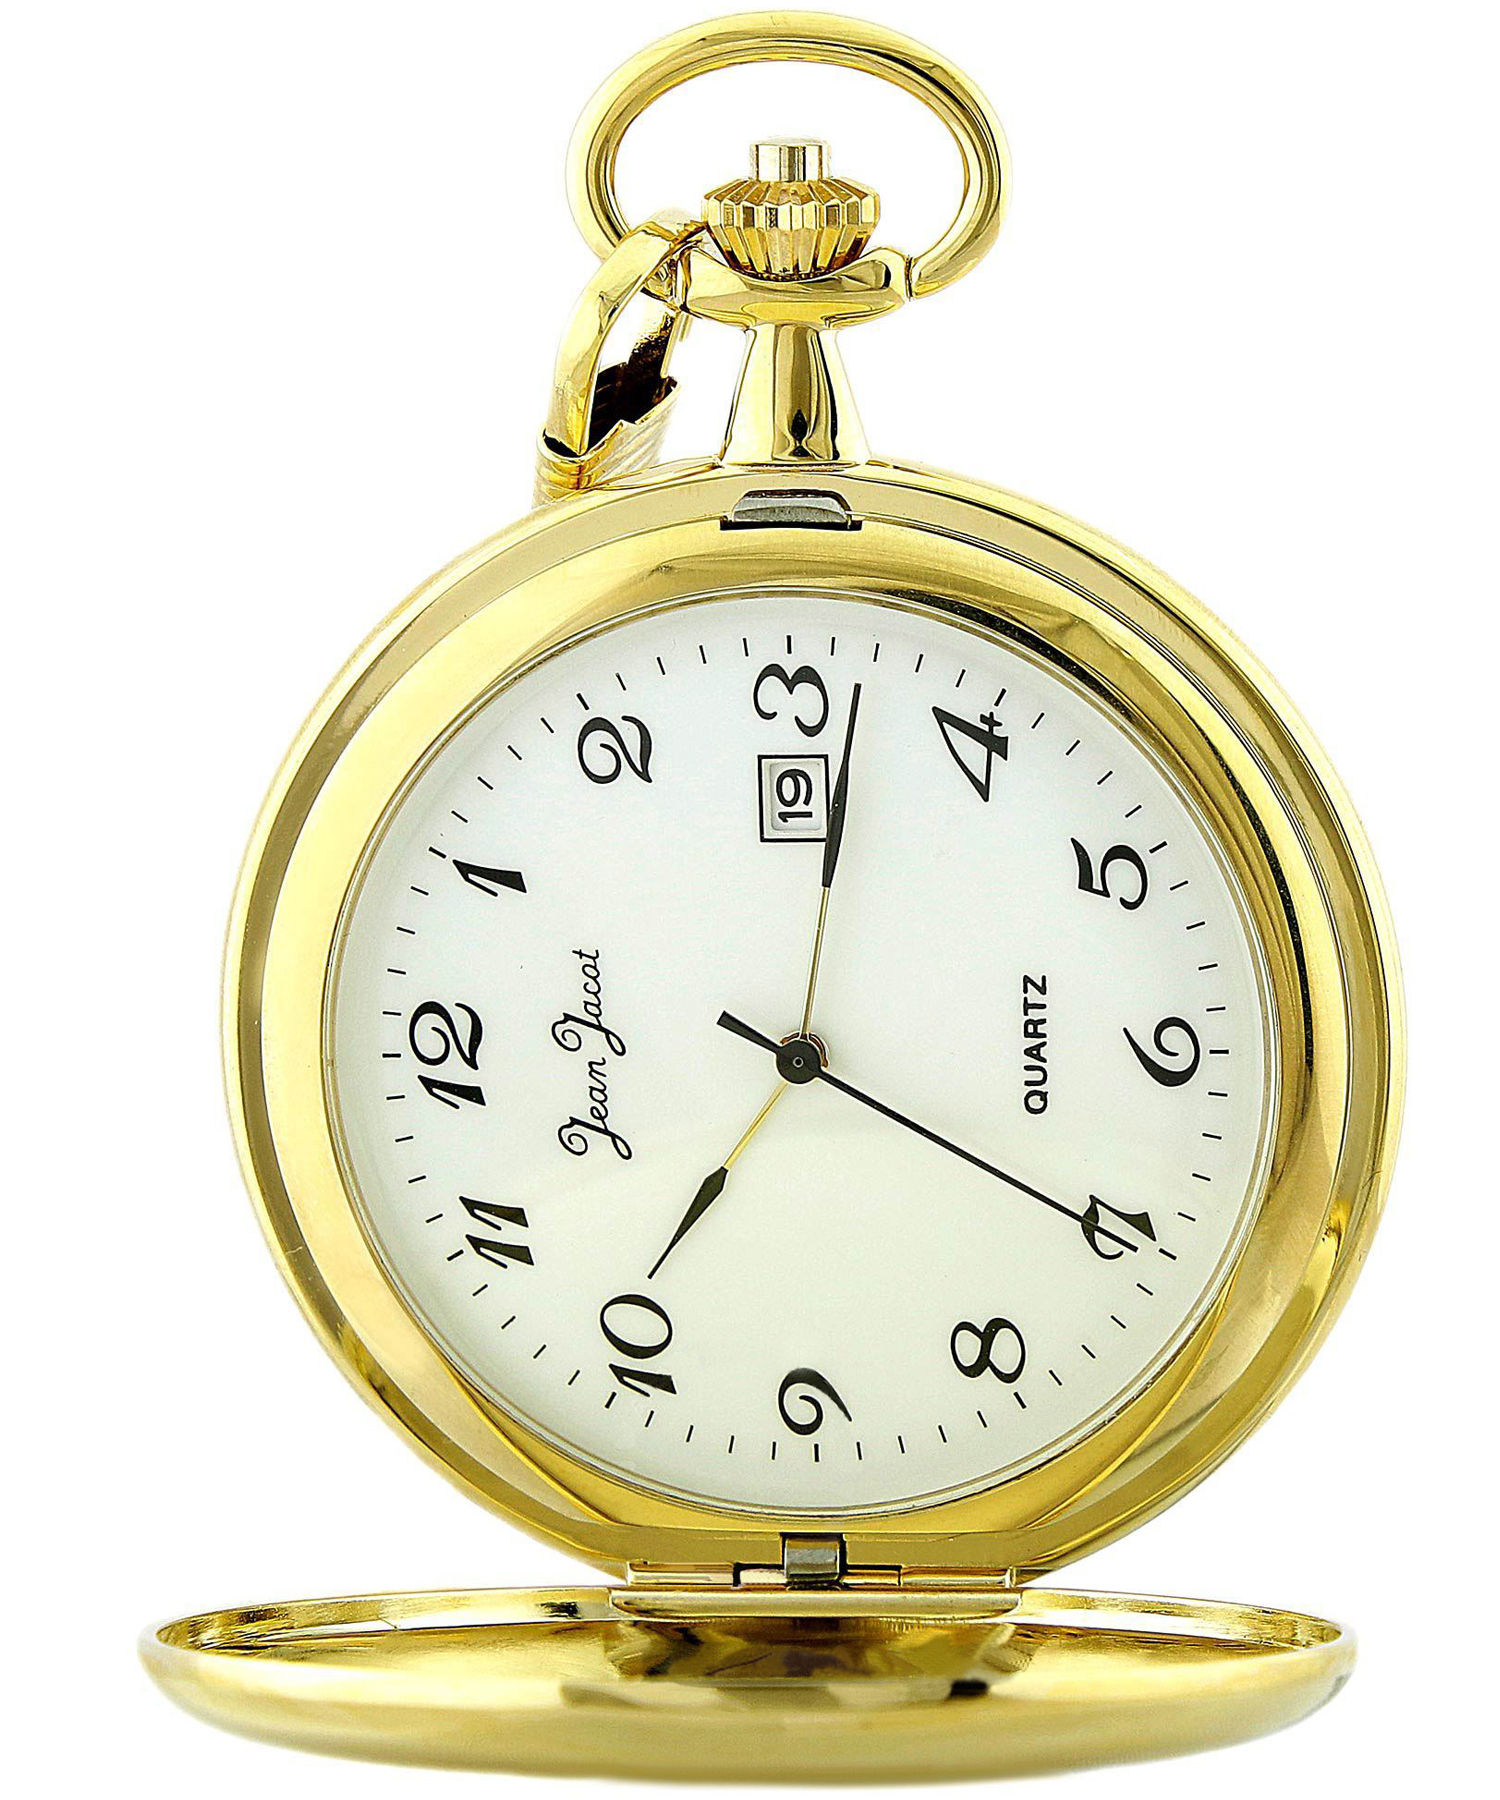 تصویر ساعت جیبی مردانه ژان ژاکت ، کد 1042-QG